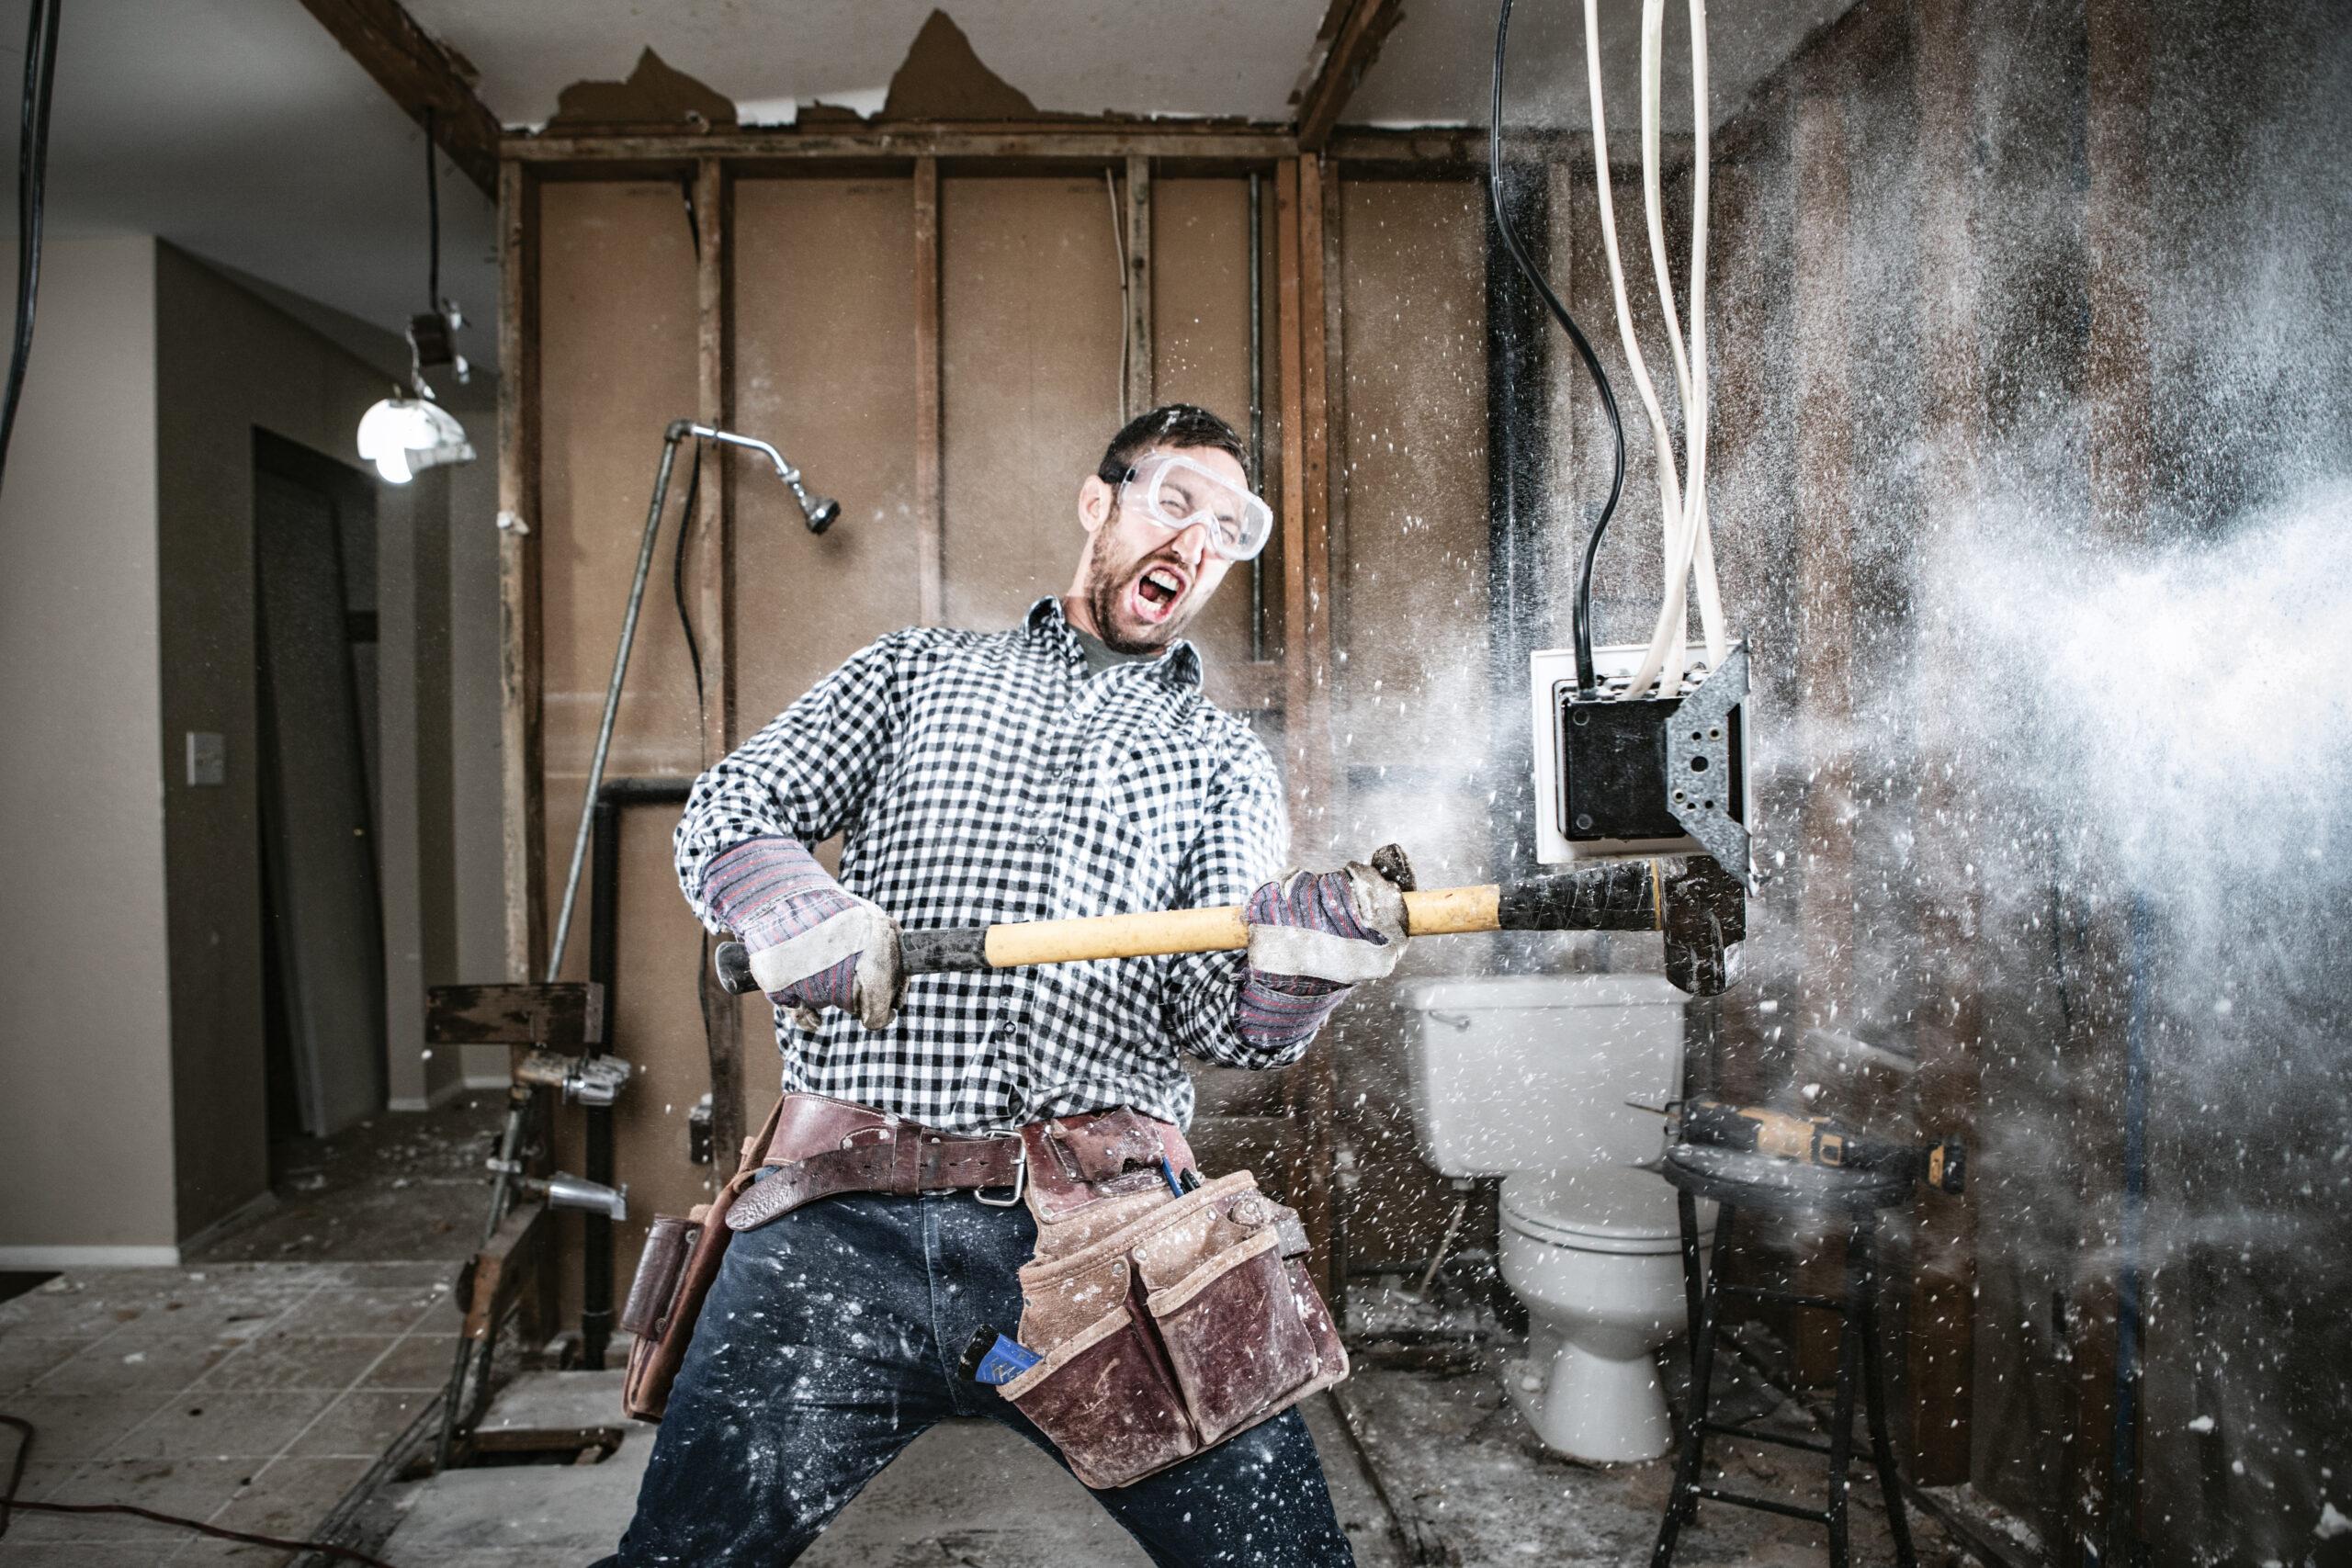 Ein Mann versucht, sein Haus zu renovieren, mit lustigen und katastrophalen Ergebnissen. Er schwingt einen Vorschlaghammer und reißt einen Teil einer Wand heraus.